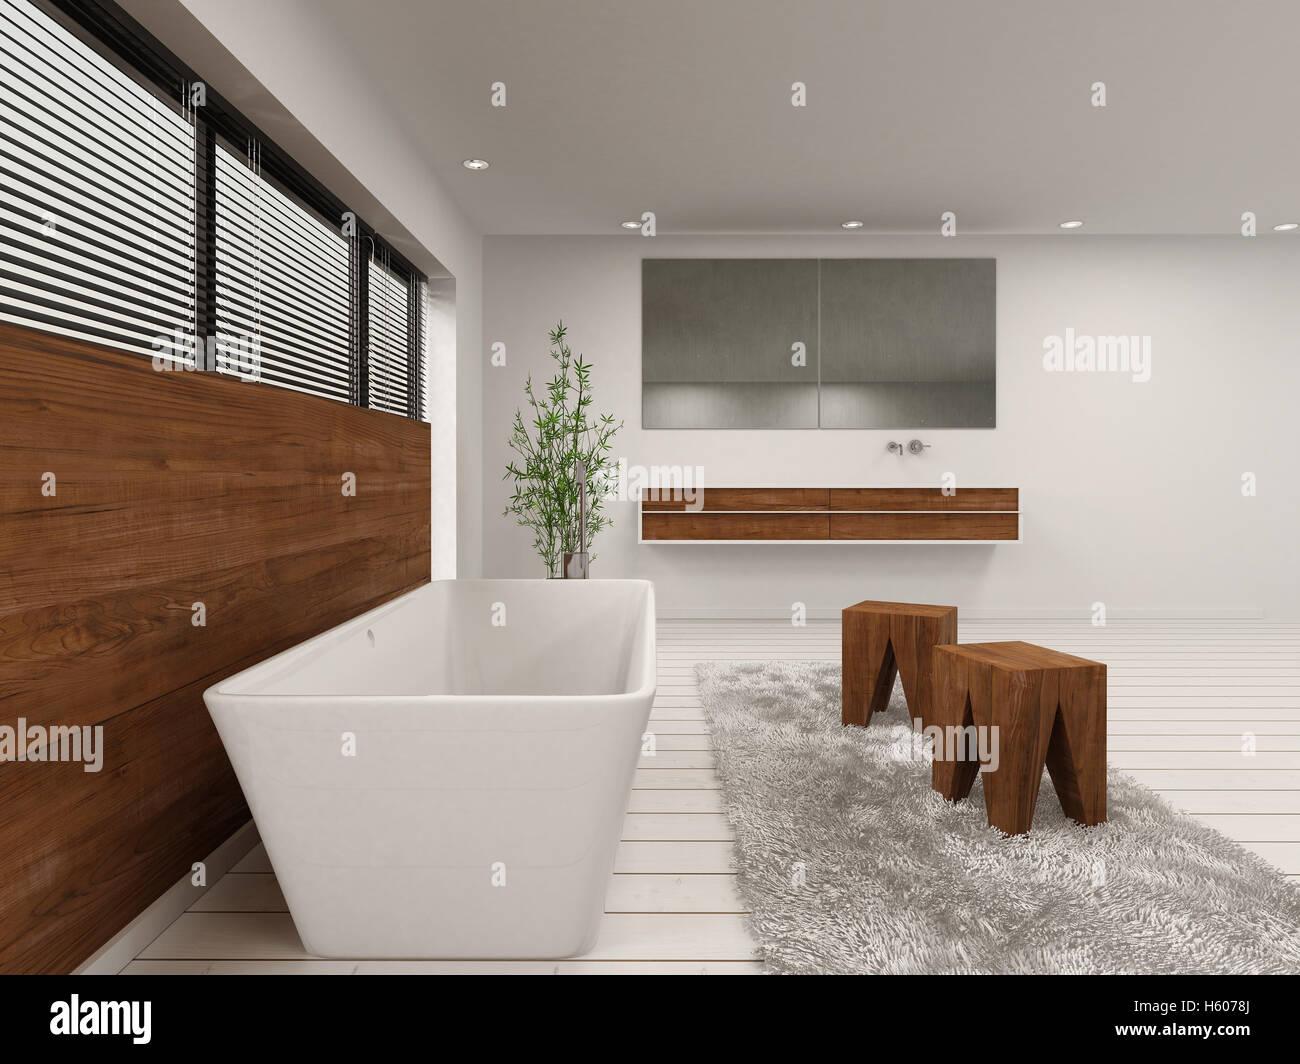 3D Rendering Des Luxus Badezimmer Mit Wanne, Hocker Und Holzwand Unter  Fenster Vorhänge